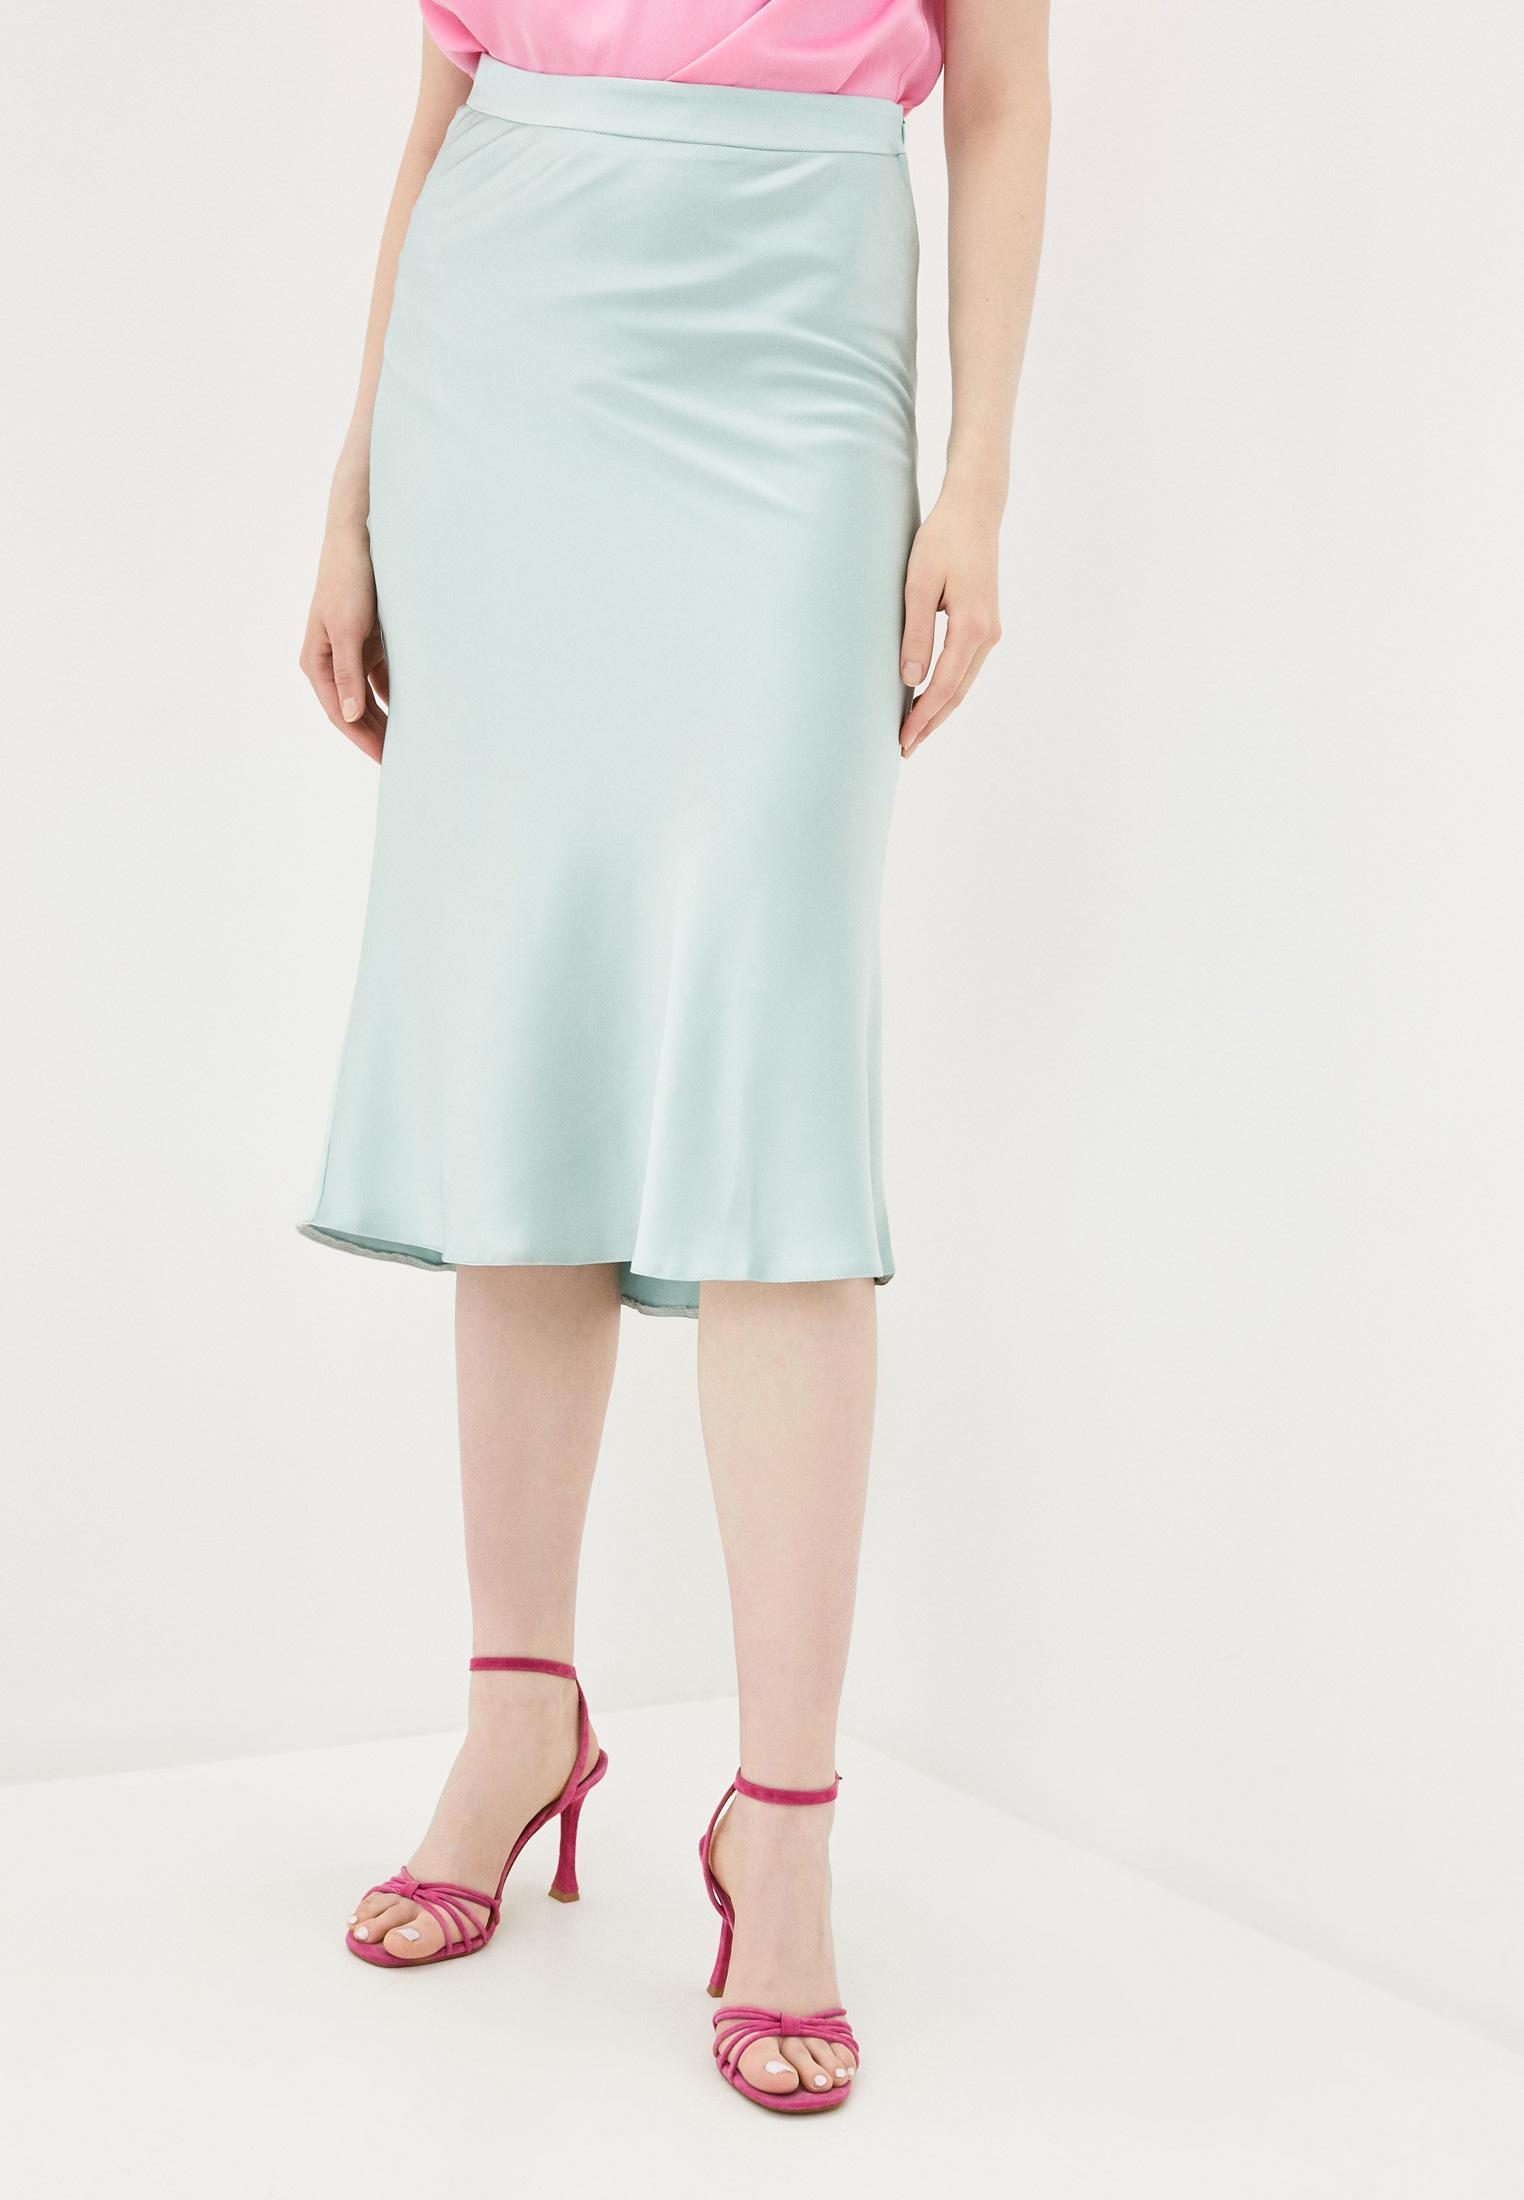 Широкая юбка Imocean (Имоушен) VL20-20196-122